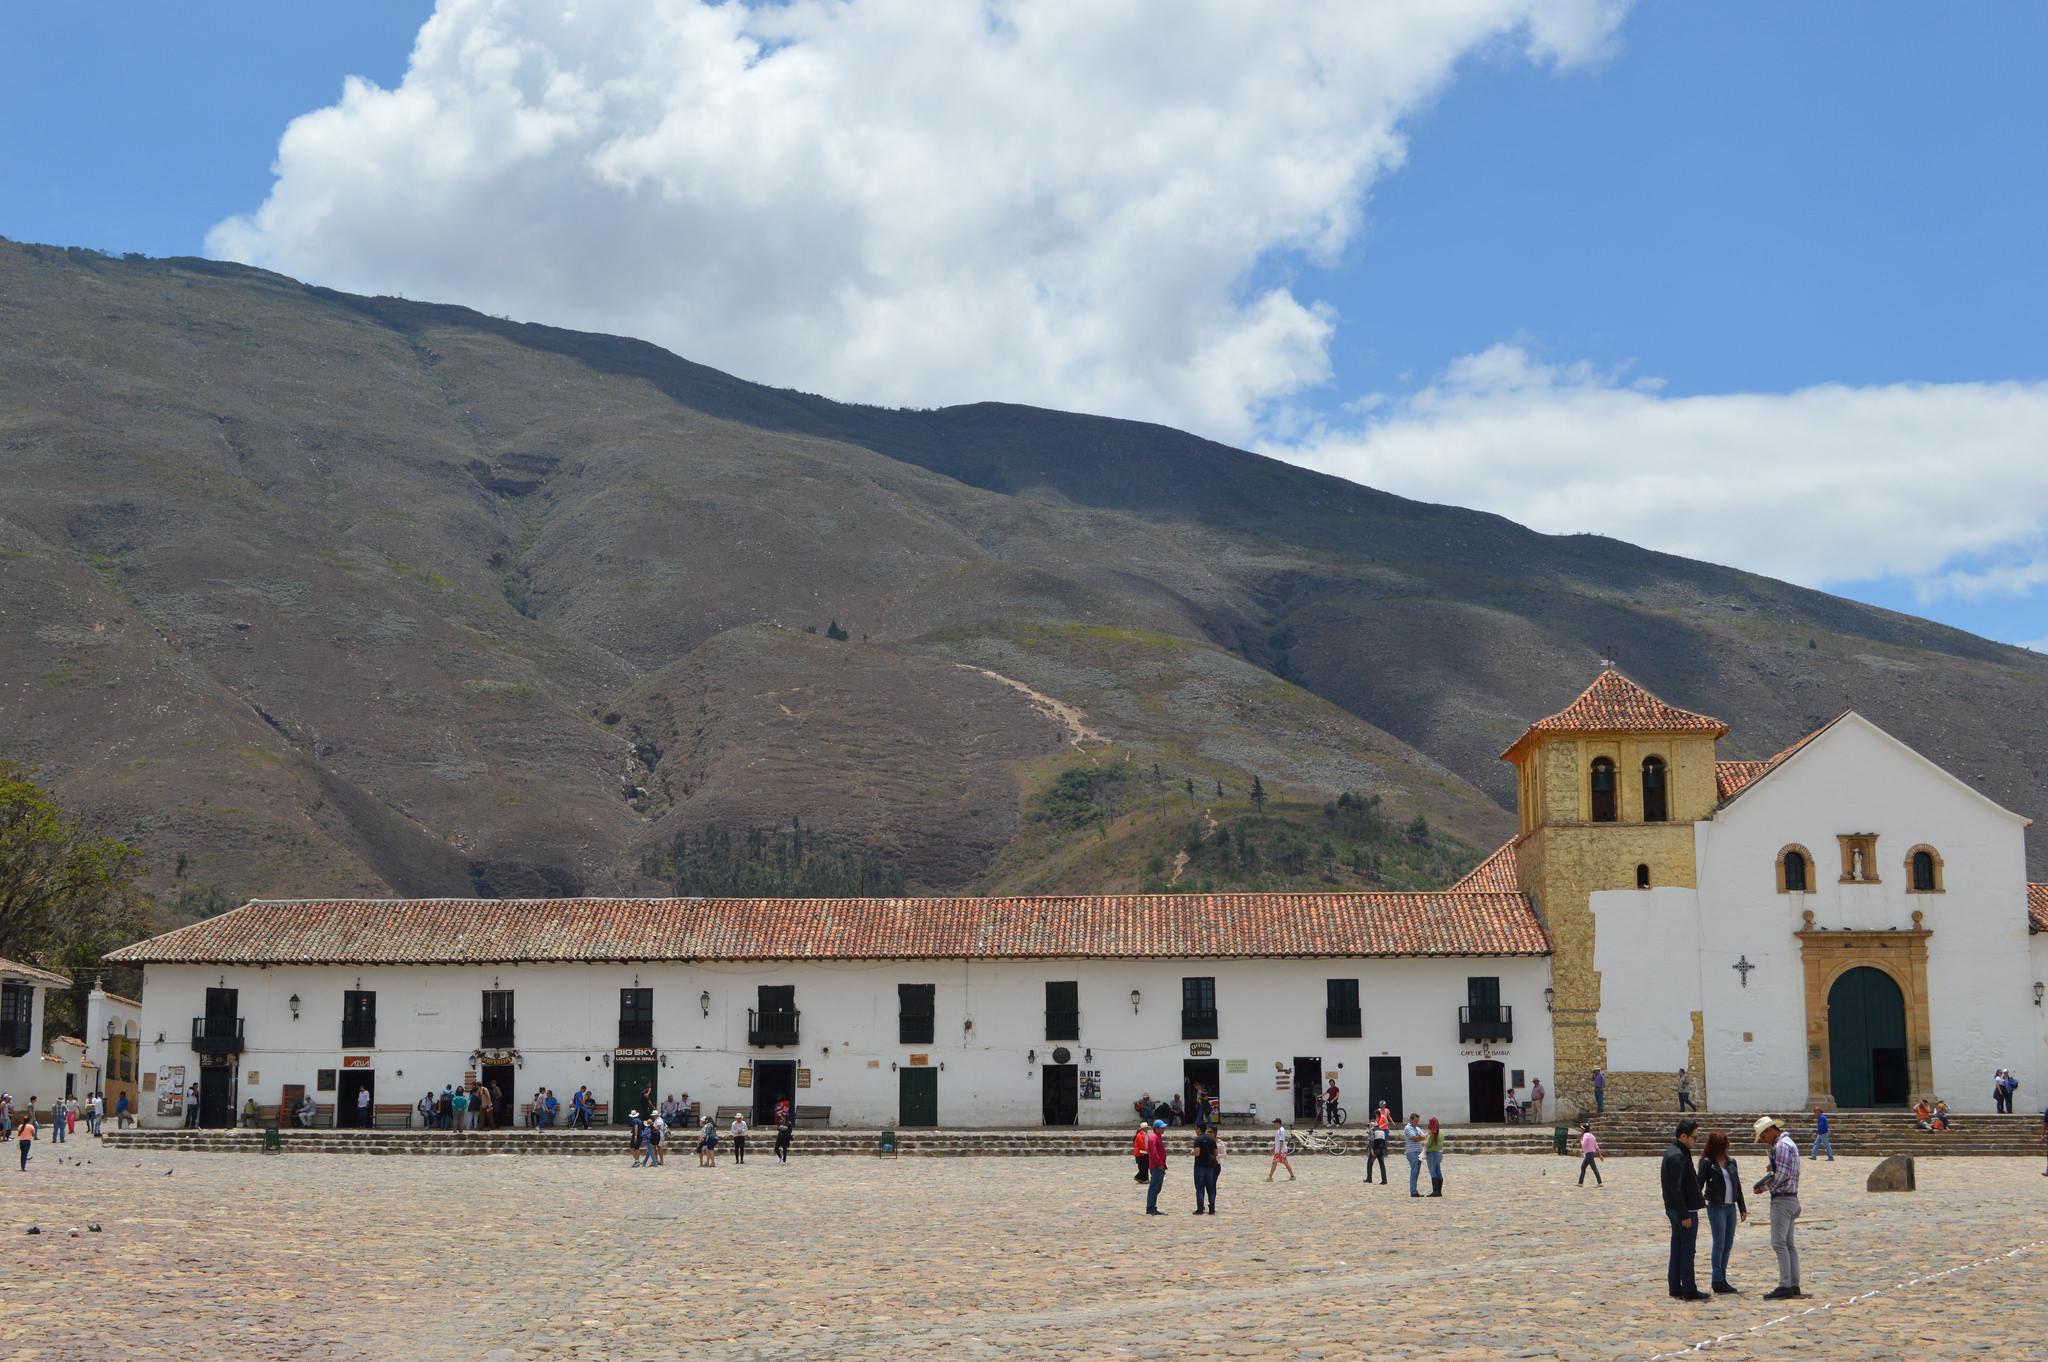 Semana Santa Villa de Leyva 2018